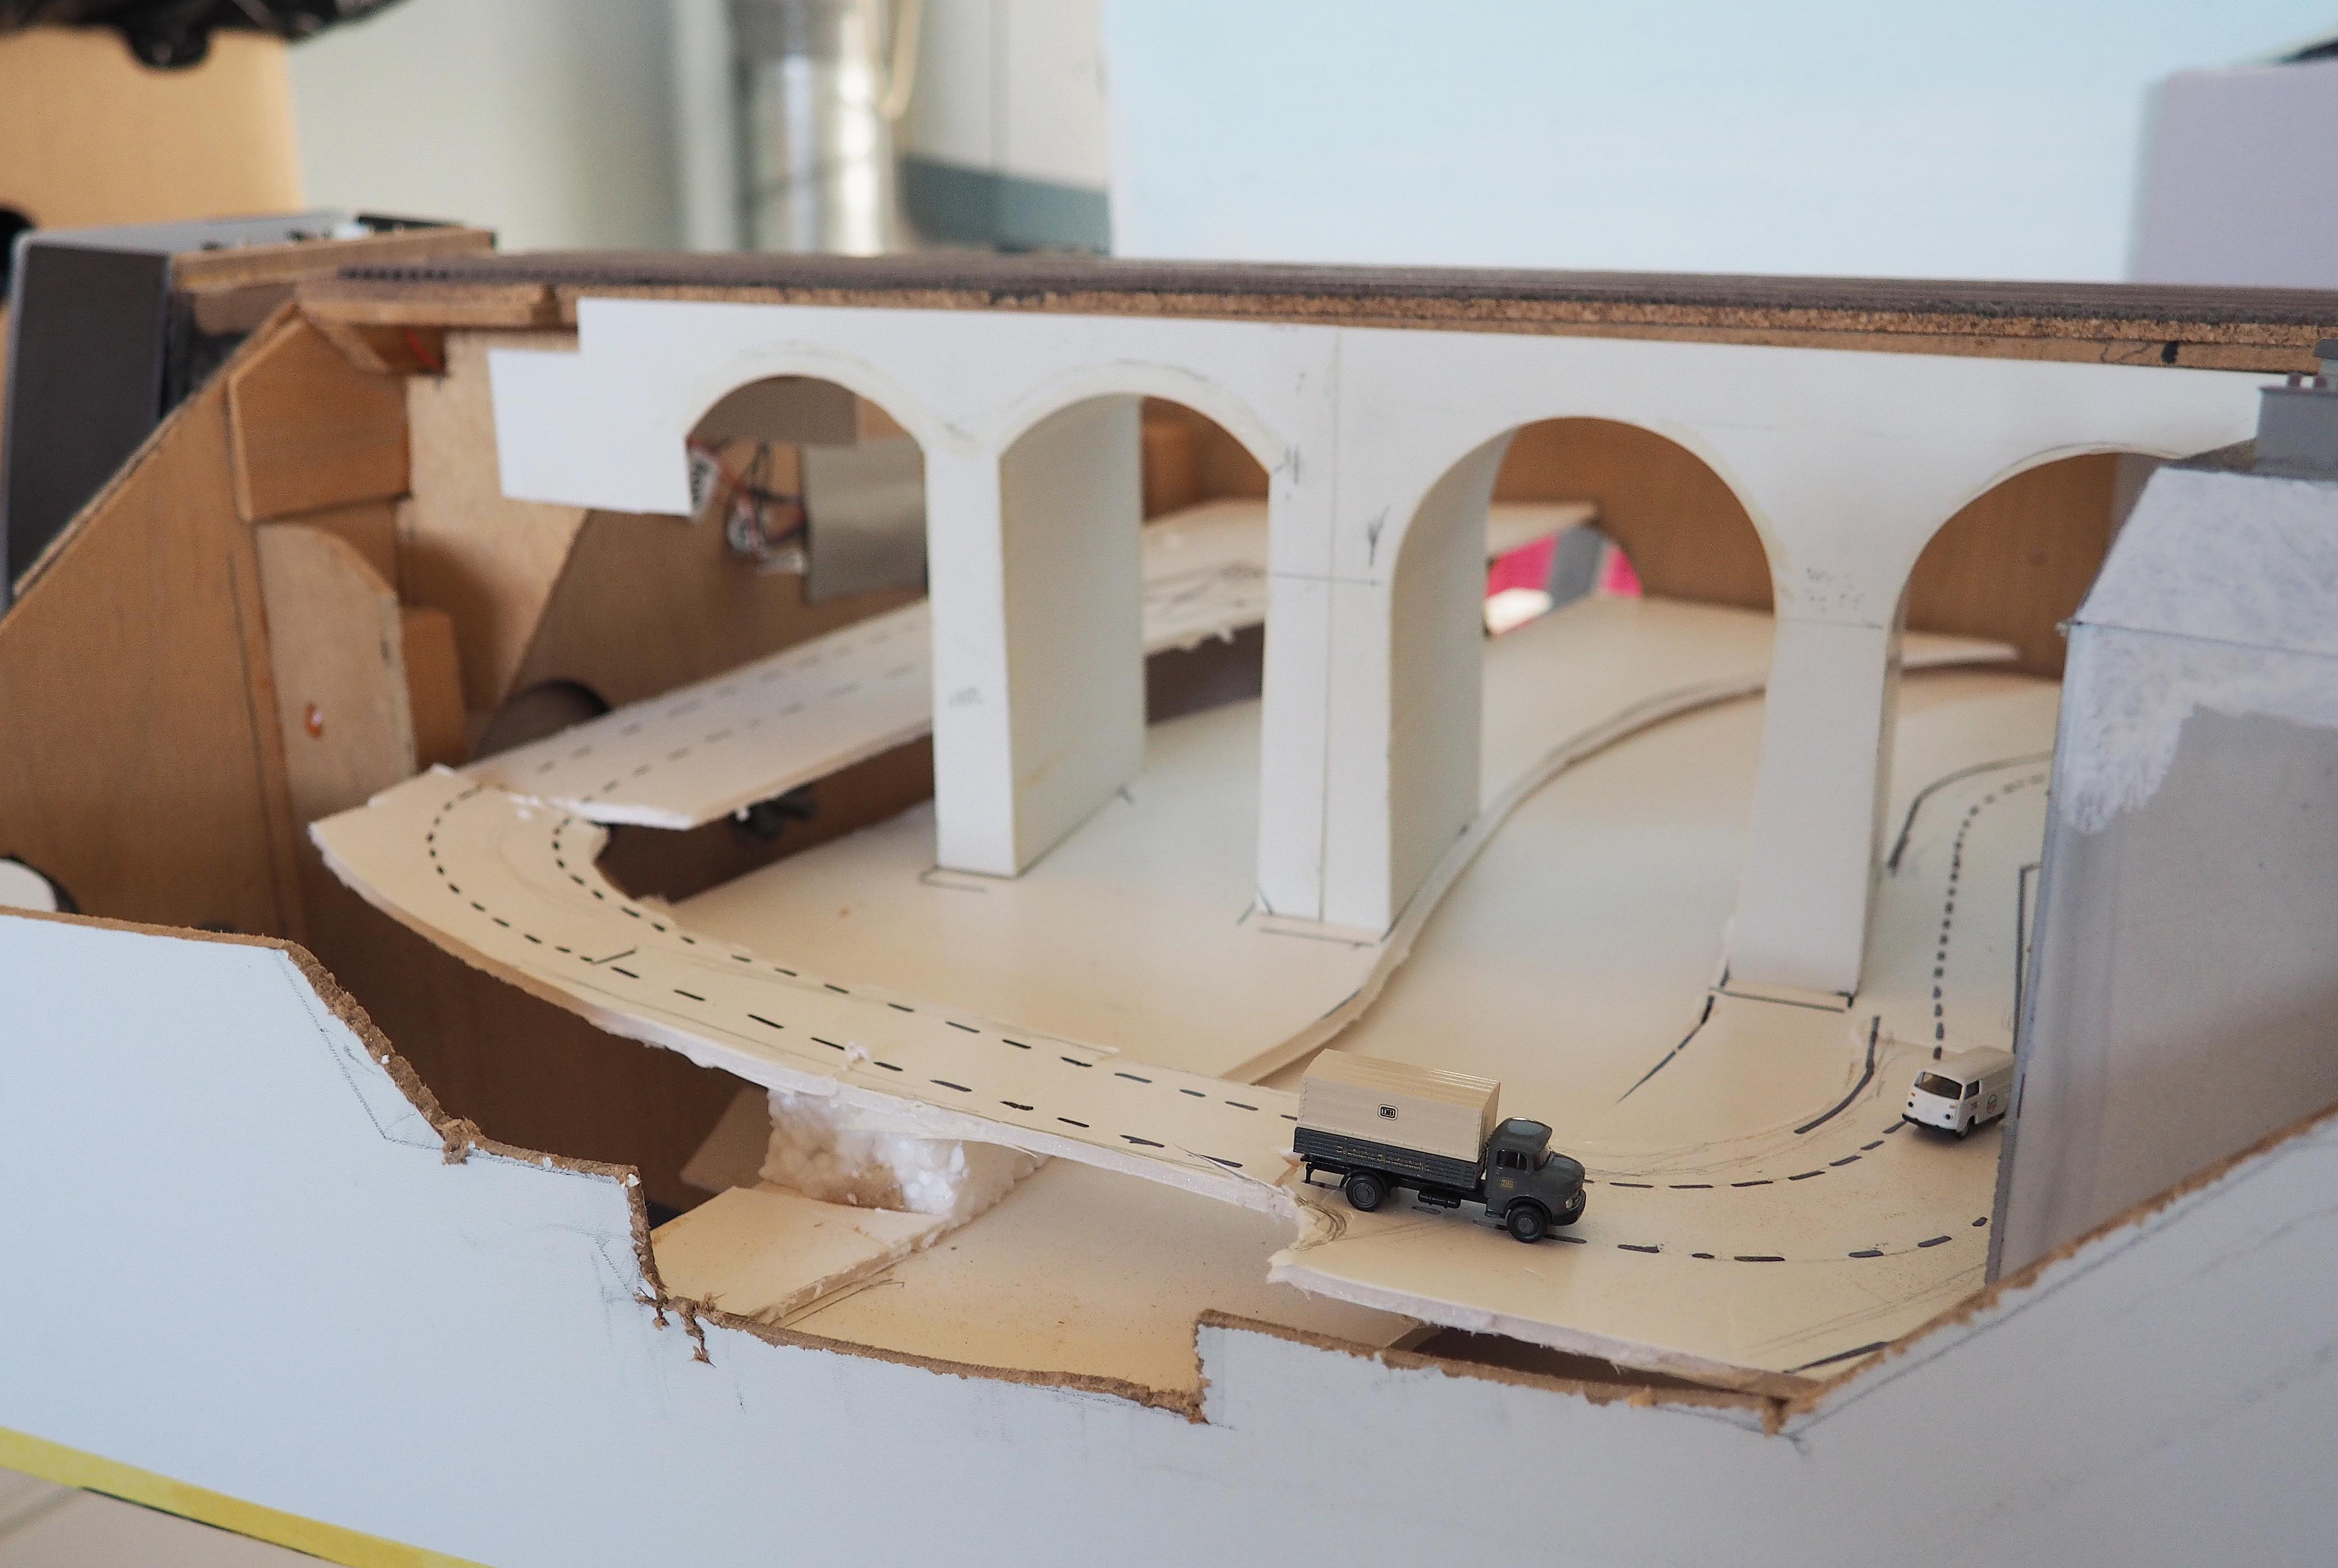 Het ontwerp voor het traject van het magnorail-systeem is met wat stukjes karton bepaald.